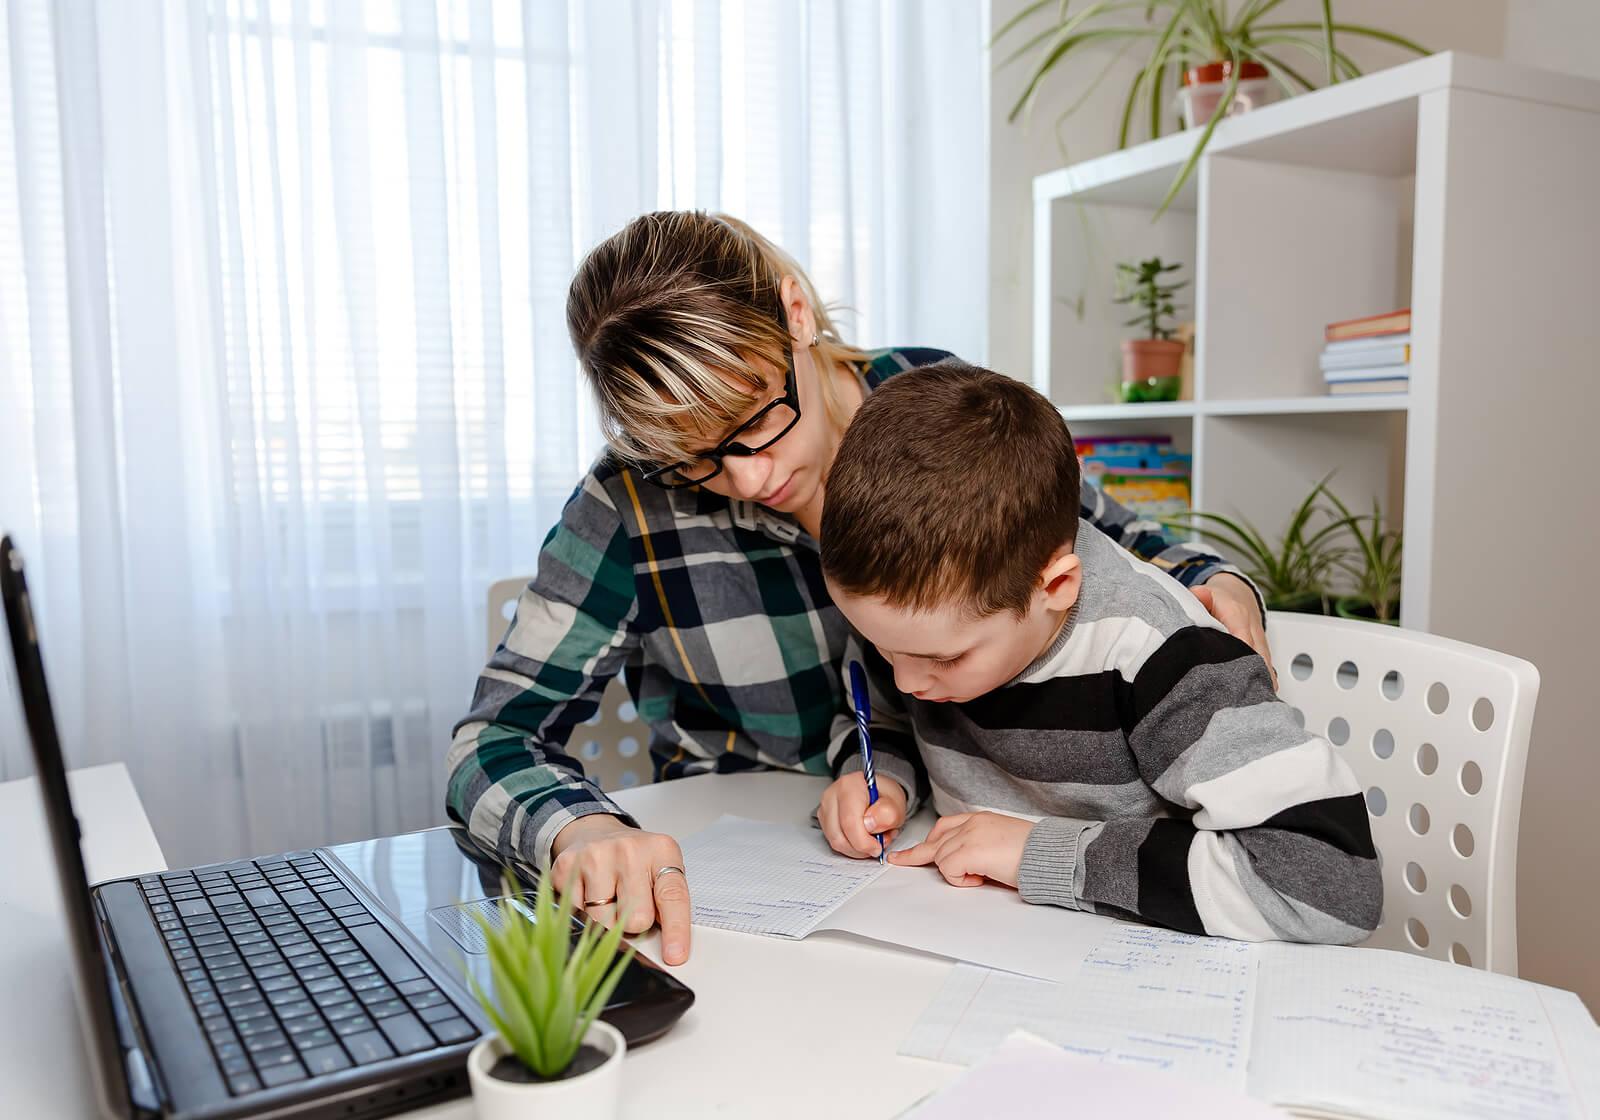 Madre e hijo estudiando en casa gracias al homeschooling.